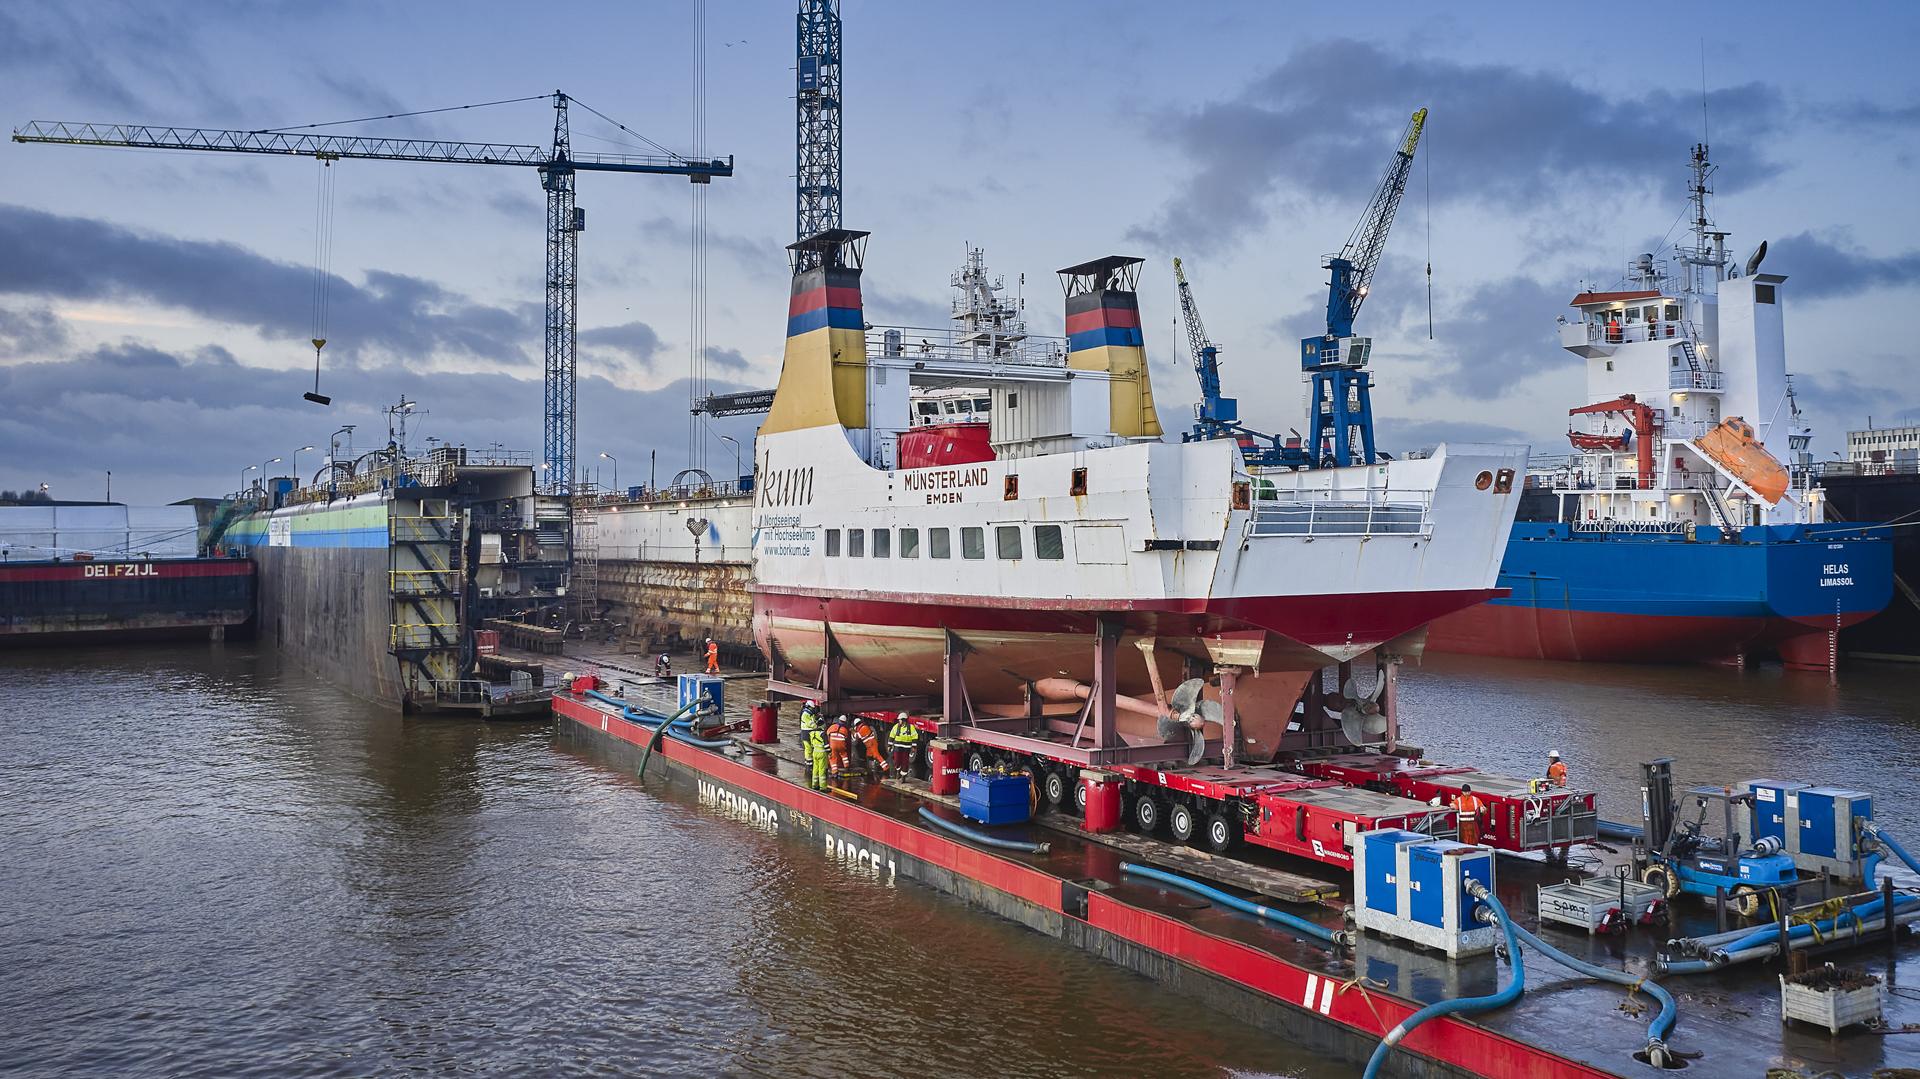 Scheepswerf Niestern Sander verwijderde het achterschip. (Foto Niestern Sander)